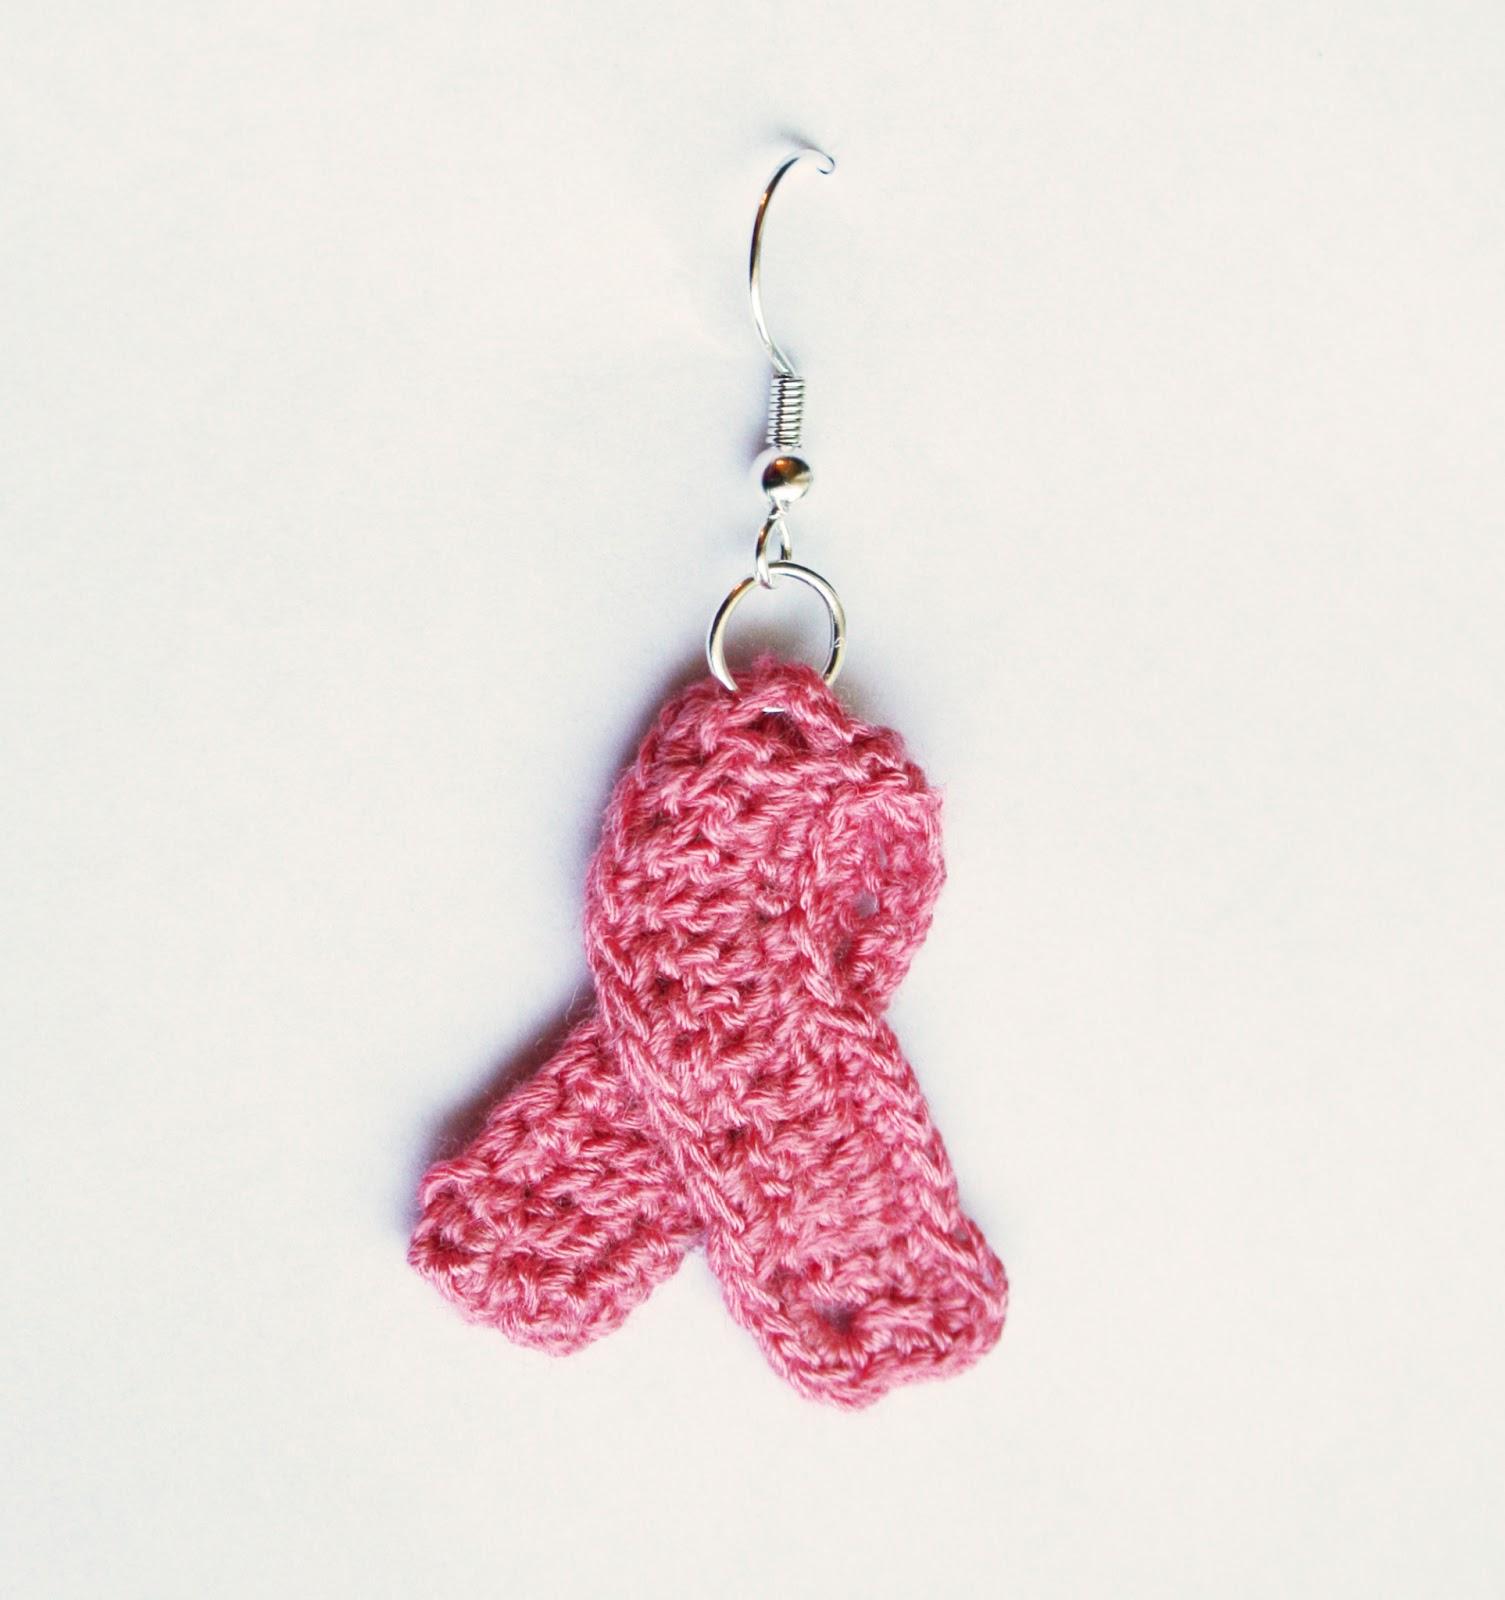 Tampa Bay Crochet: Free Crochet Pattern: Awareness Ribbon Earrings